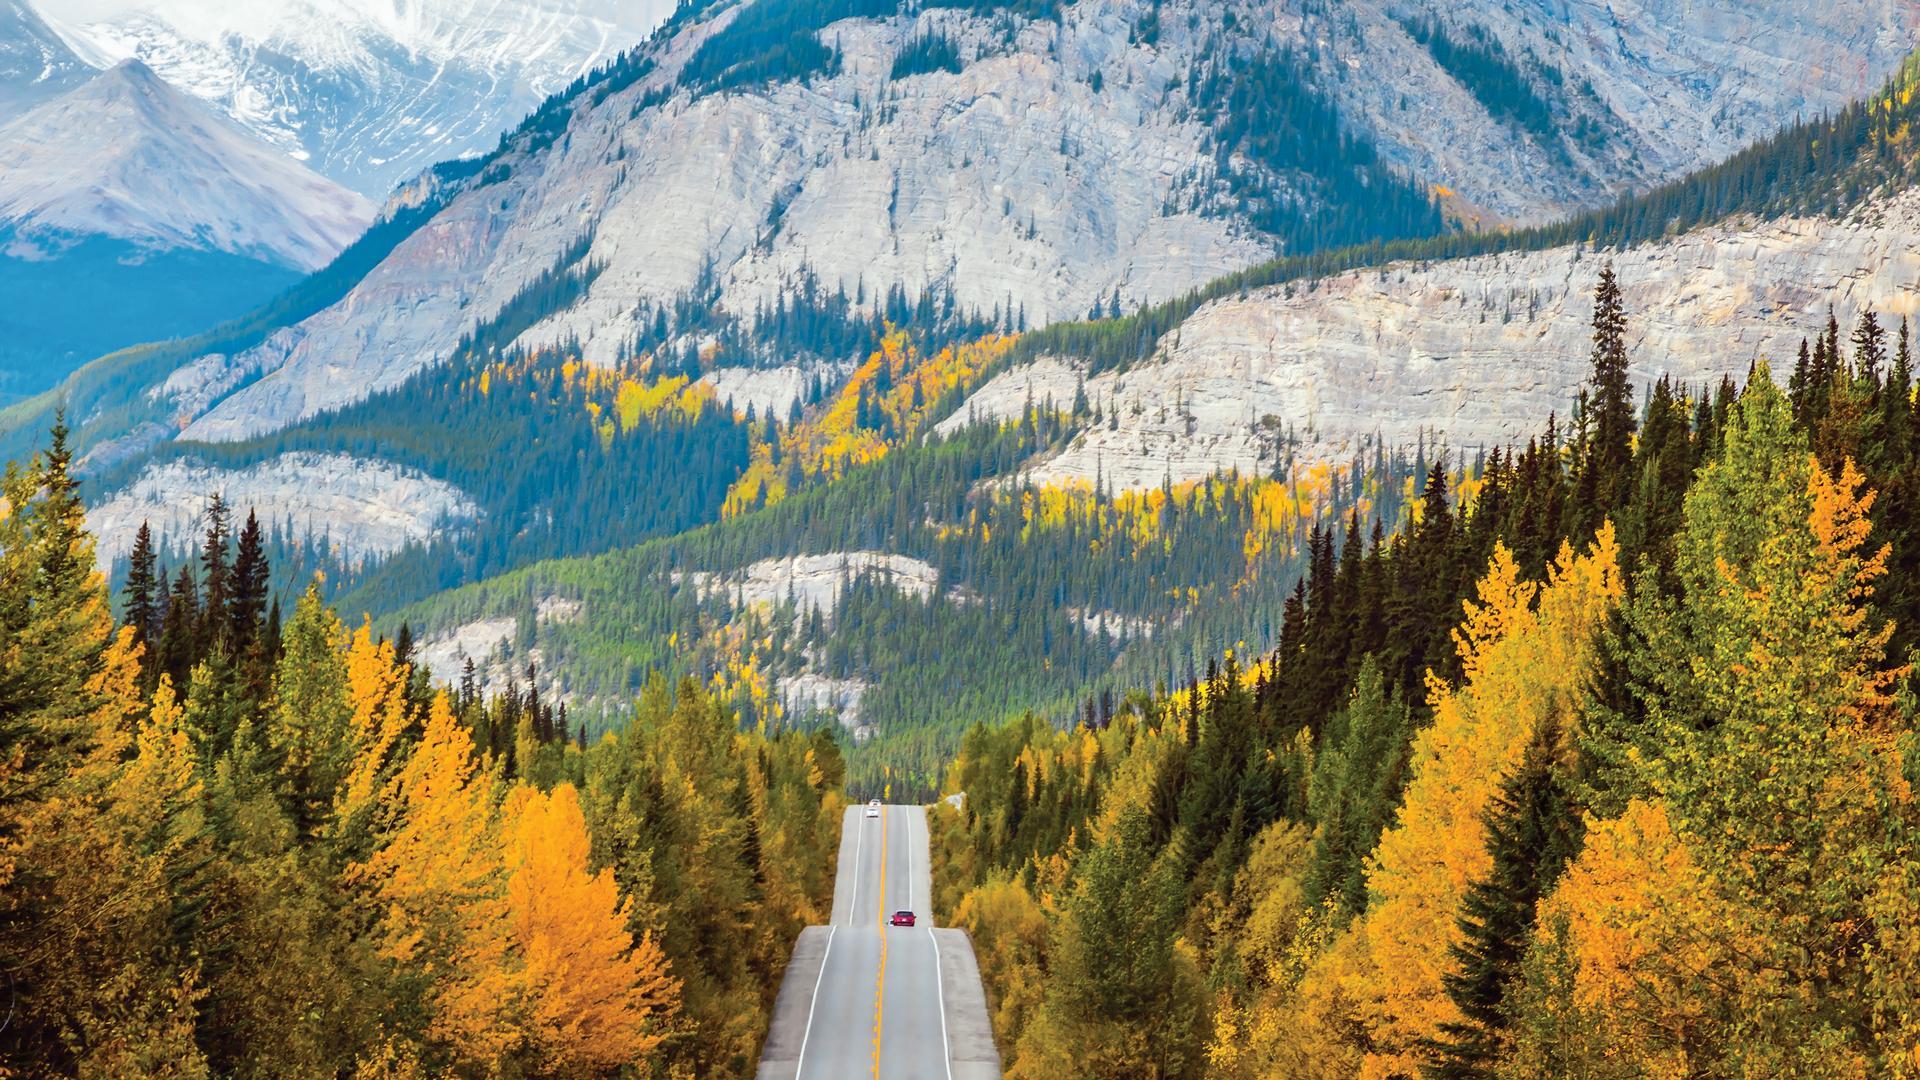 Cross Canada road trip